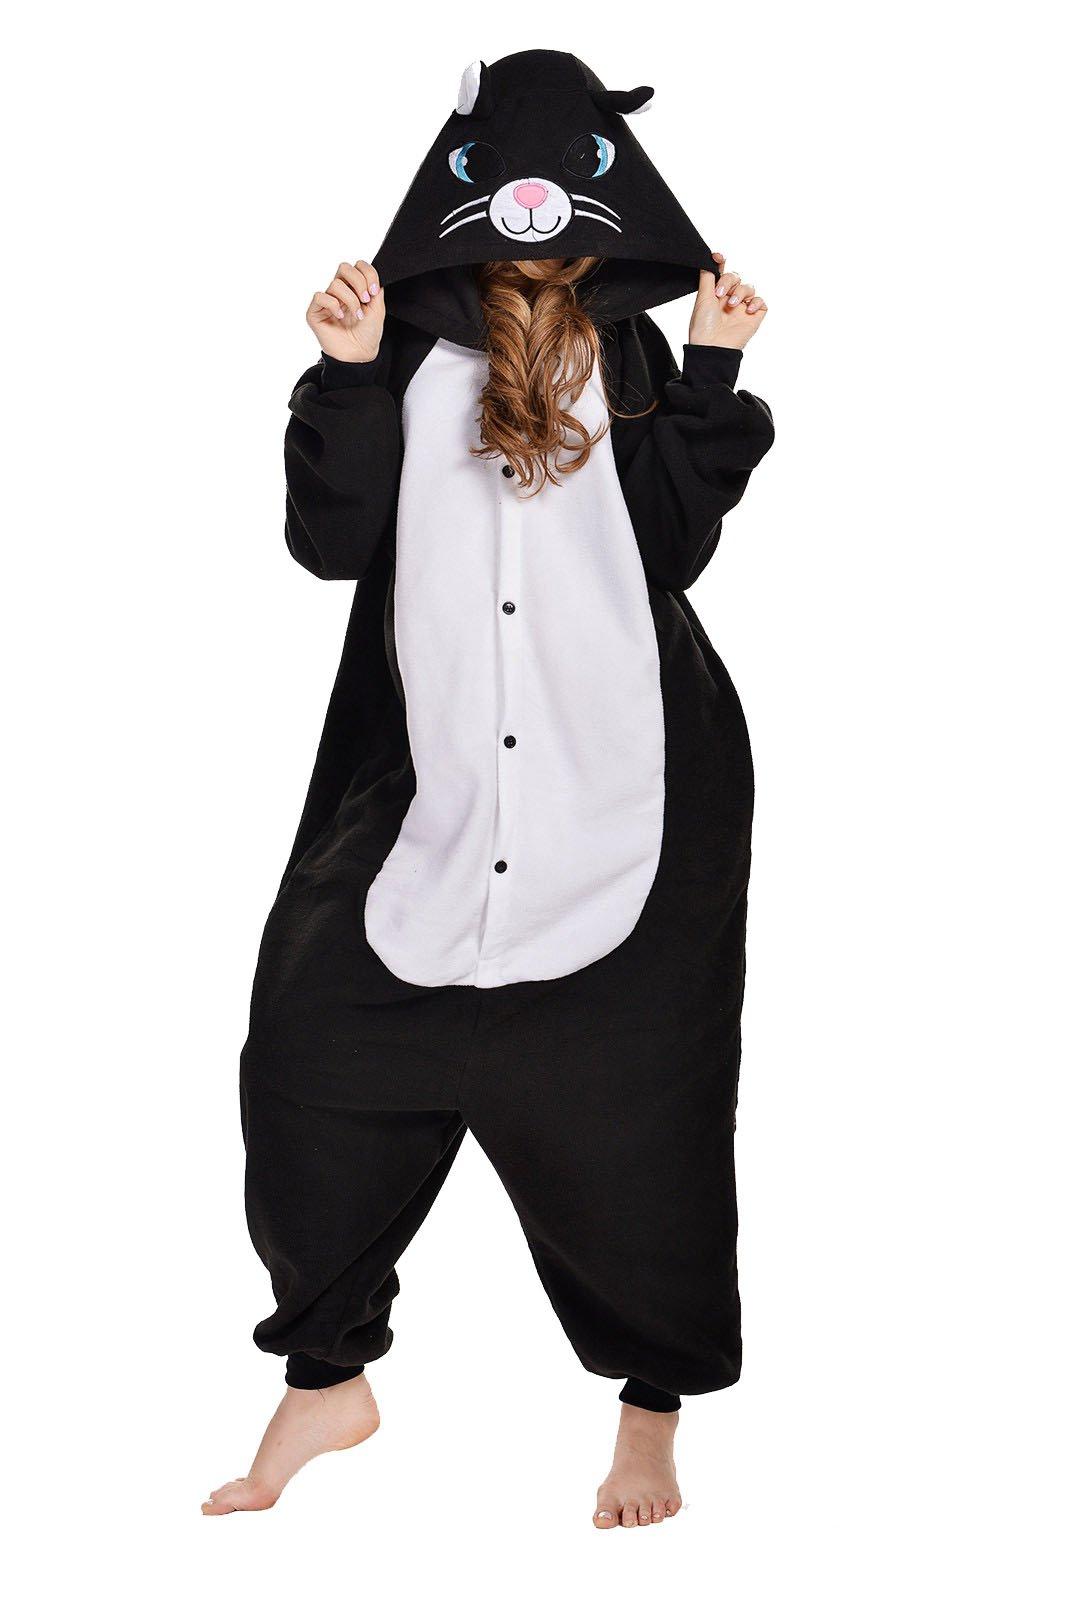 Black Cat Kigurumi Pajamas Adult Anime Cosplay Halloween Costume (x-large)